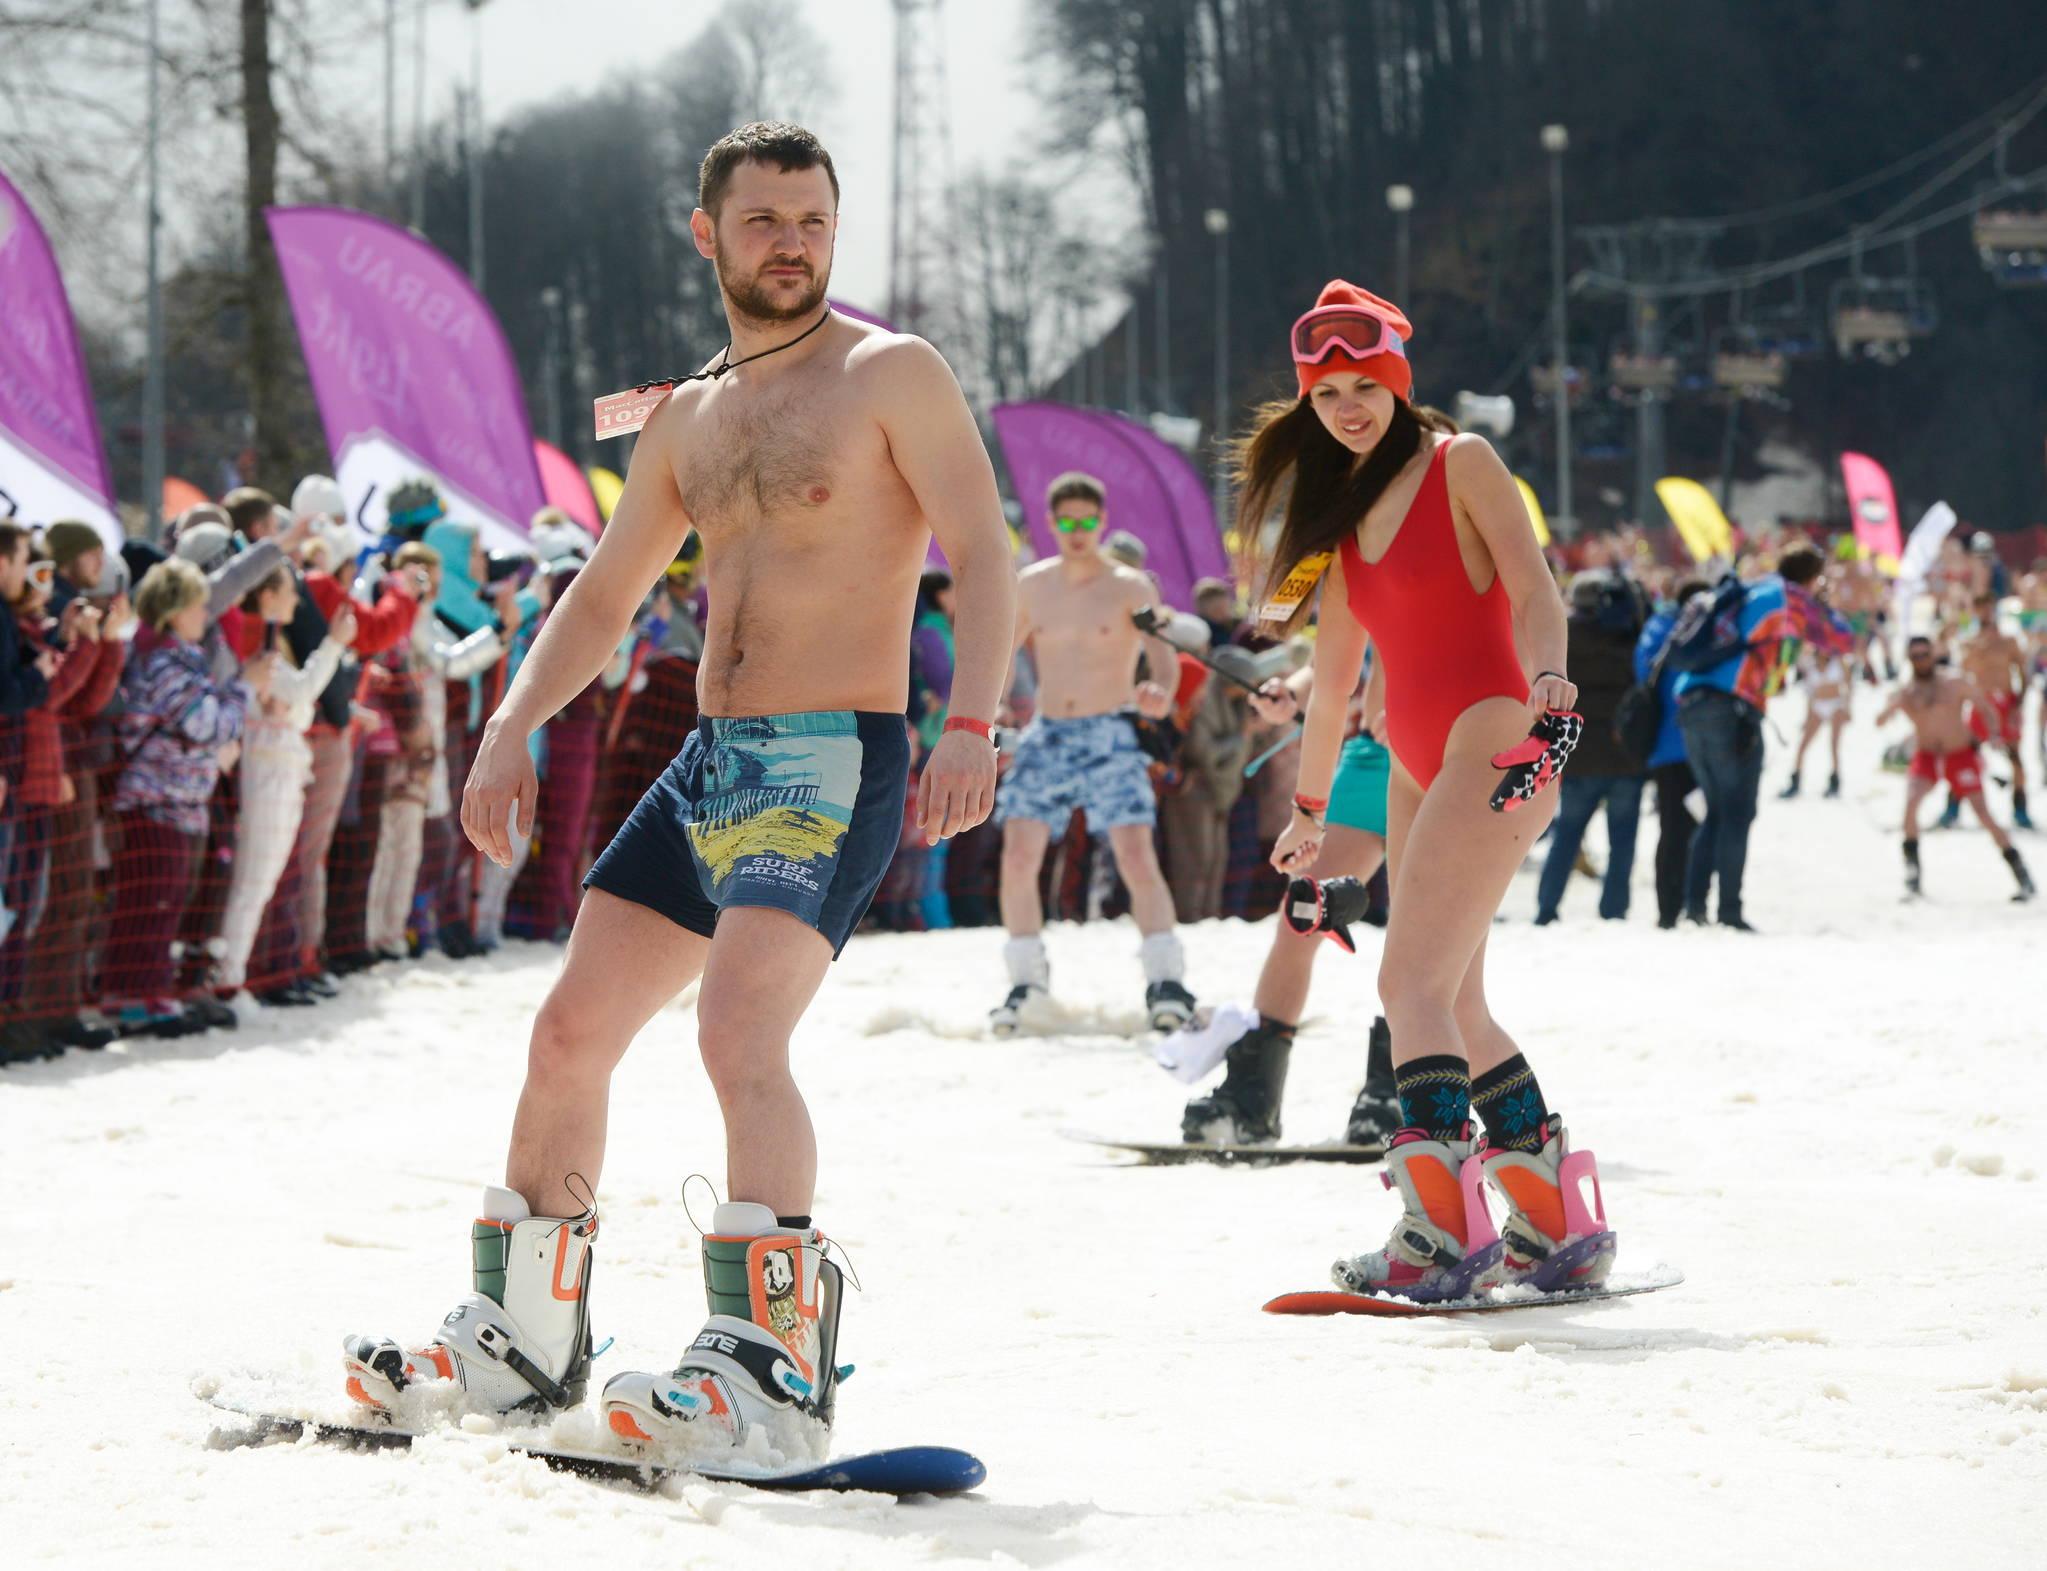 31일 러시아 소치 로사 후토르 스키 리조트에서 열린 부겔우겔 축제에서 수영복을 입은 참가자들이 활강하고 있다. [타스=연합뉴스]